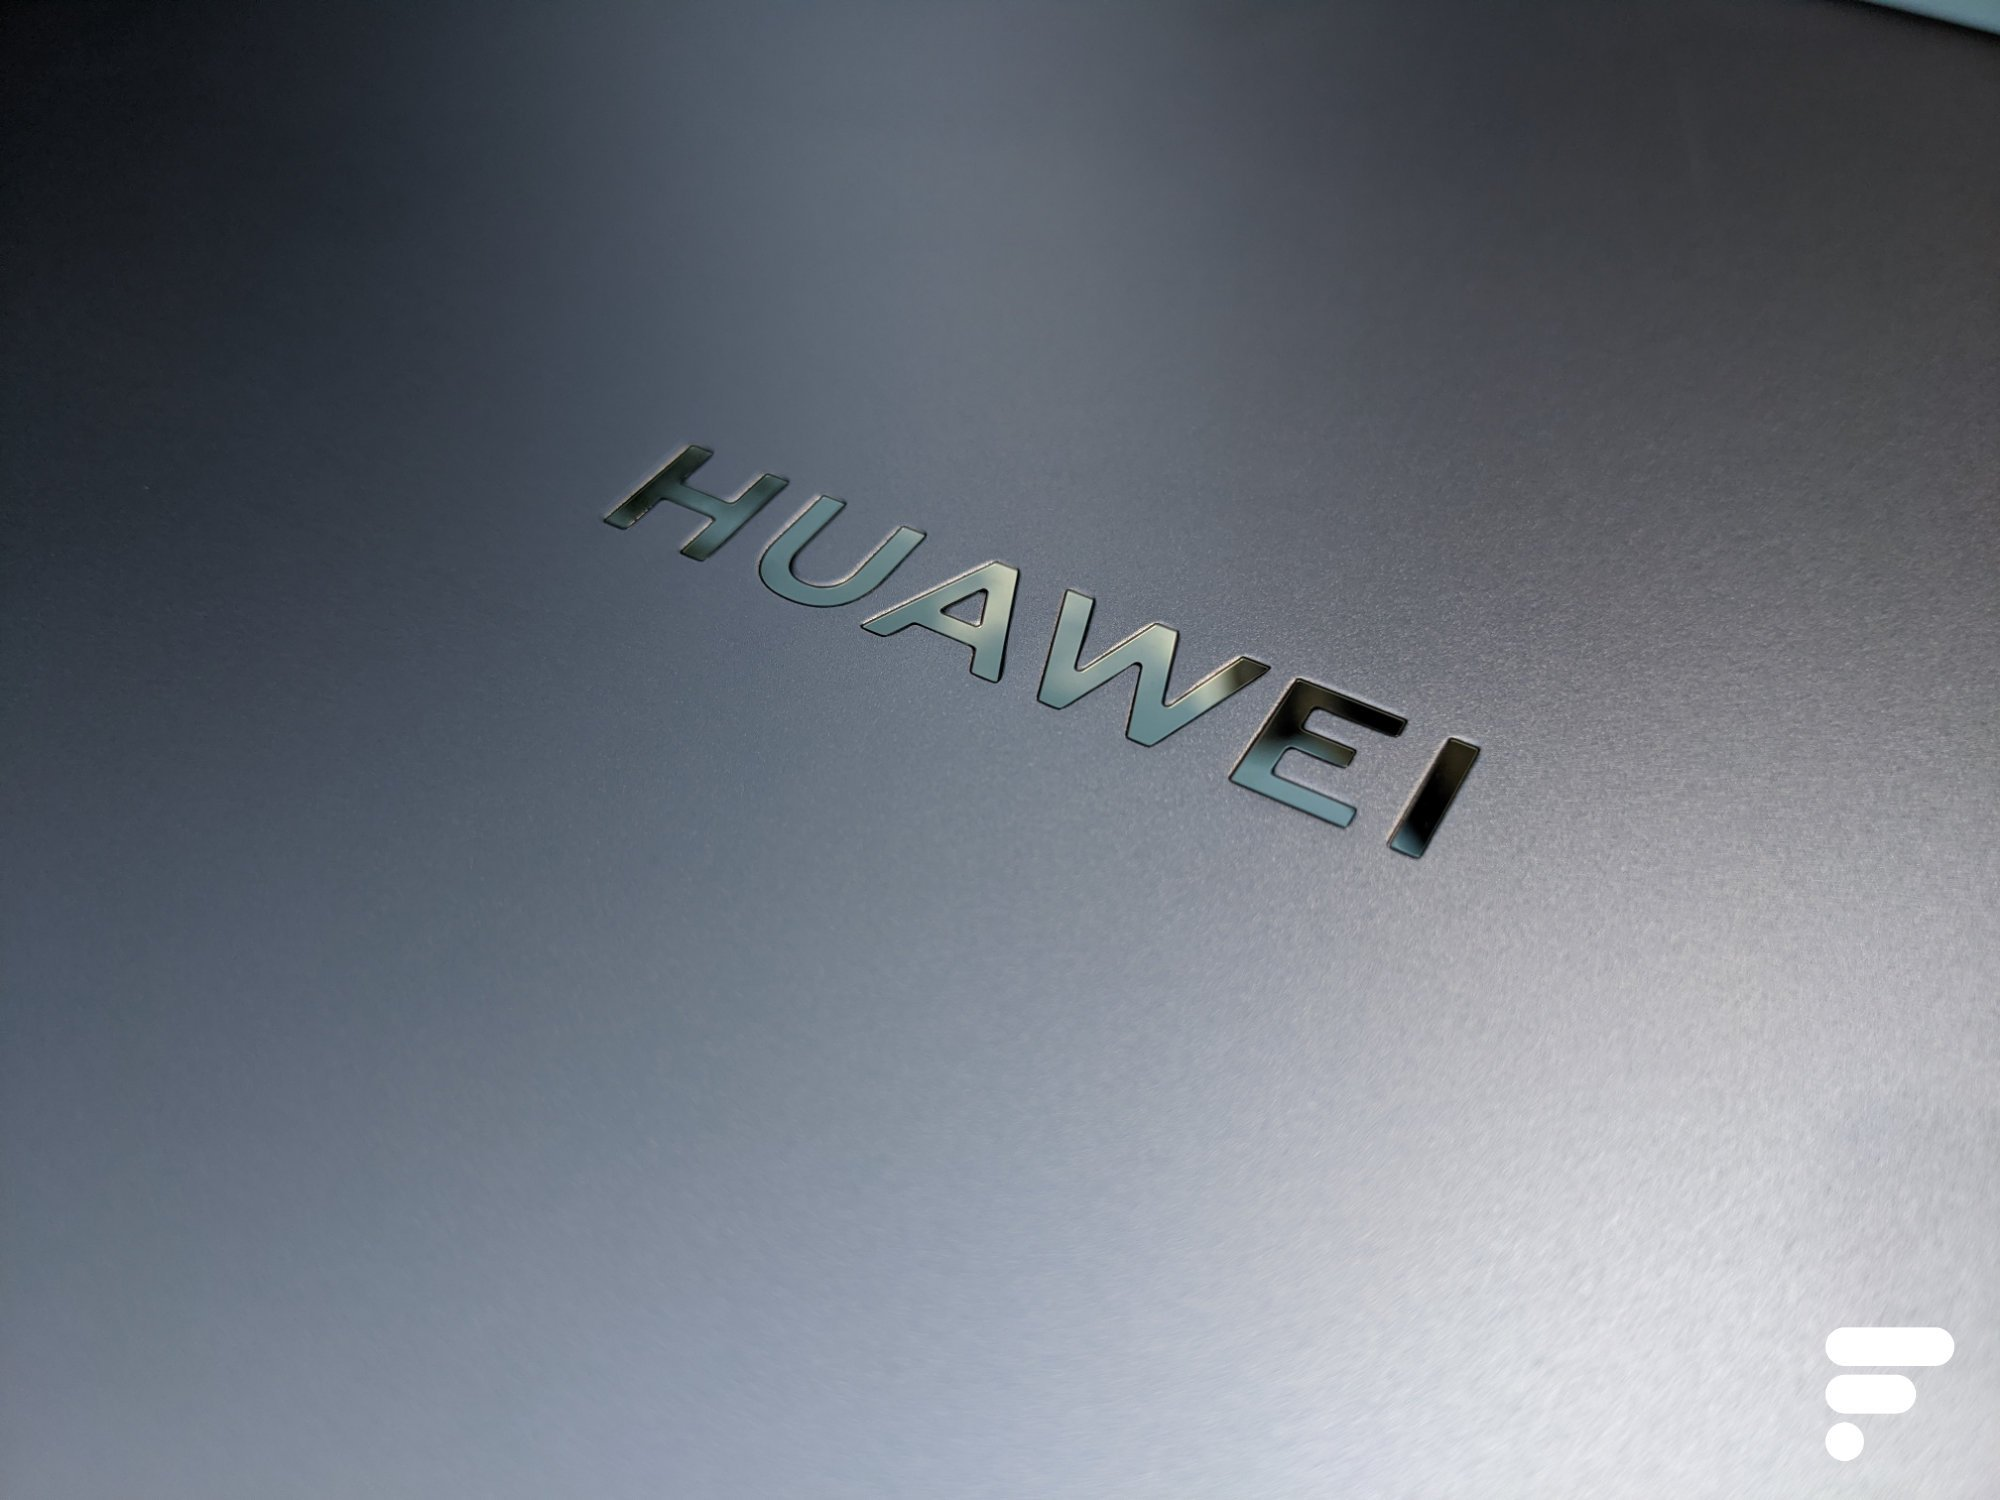 Affaire Huawei: la Chine accuse les États-Unis«d'abus de pouvoir national»